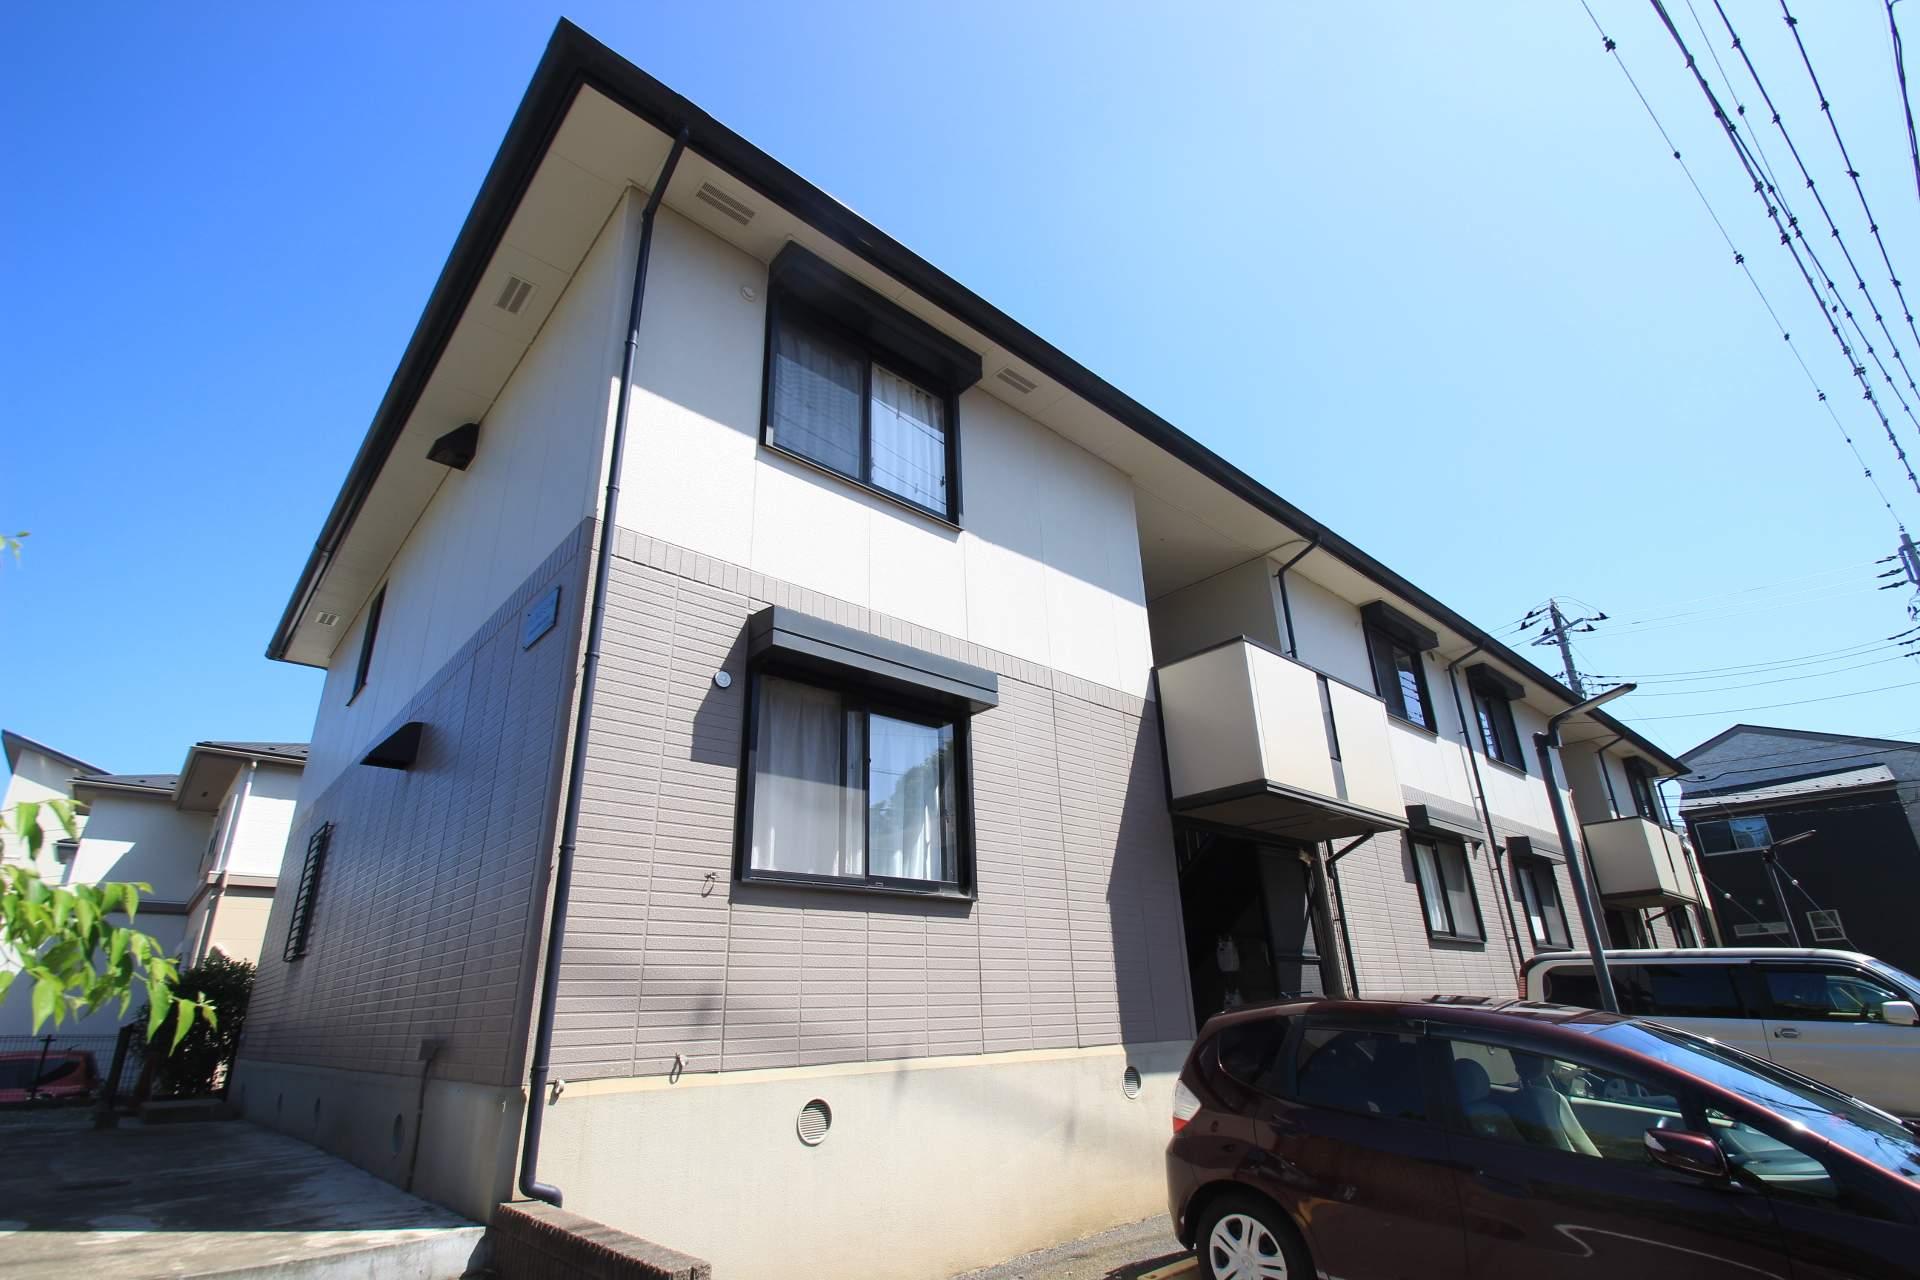 千葉県船橋市、船橋法典駅徒歩18分の築17年 2階建の賃貸アパート